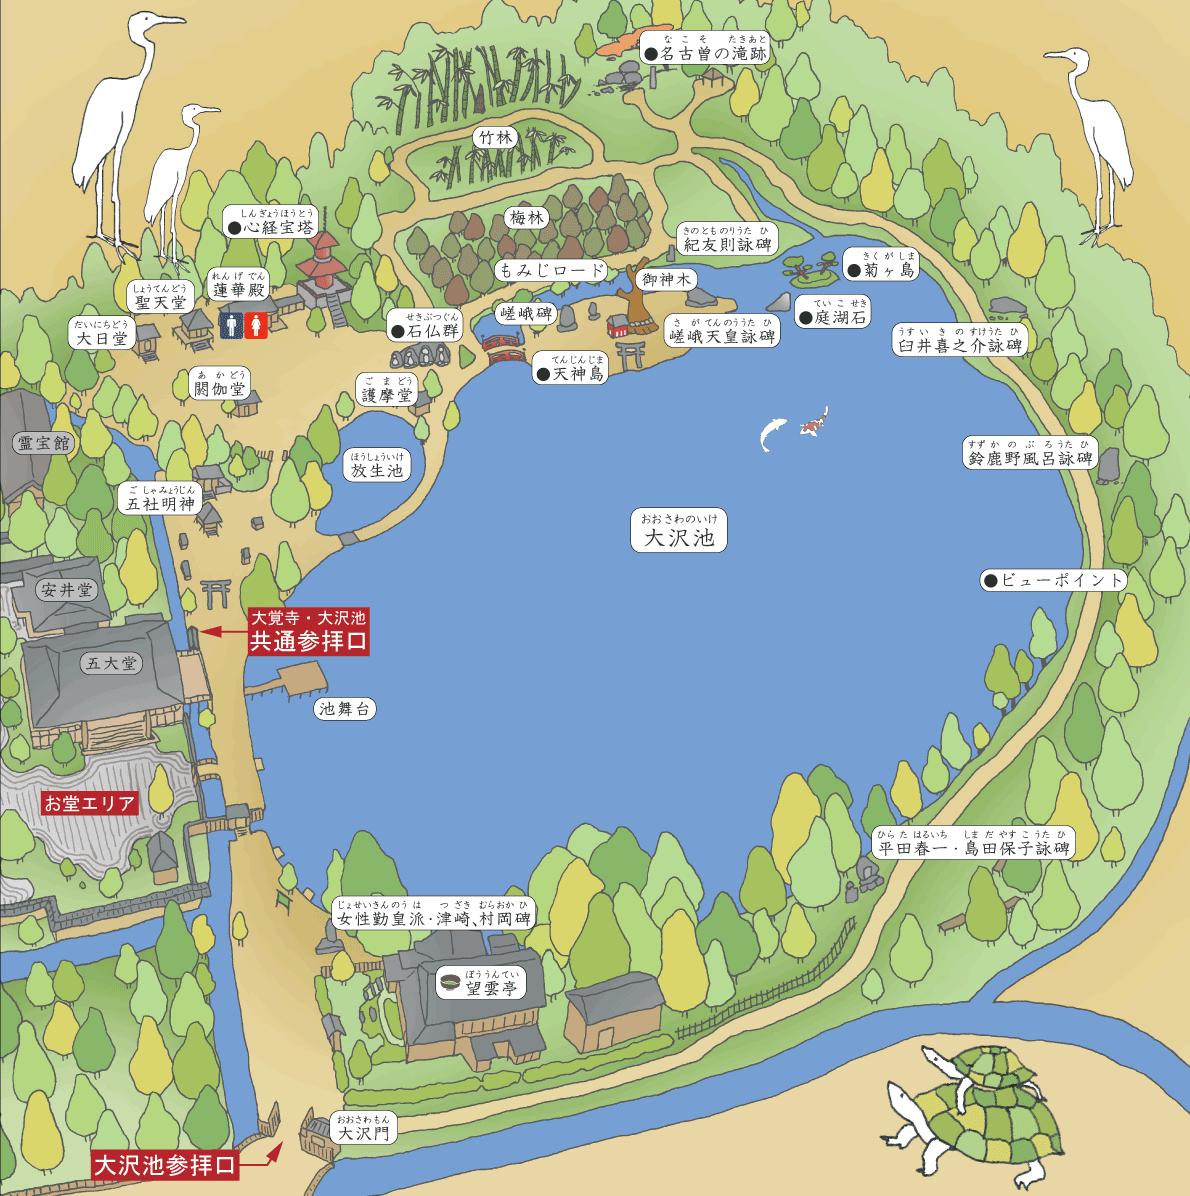 大覚寺の大沢池マップ